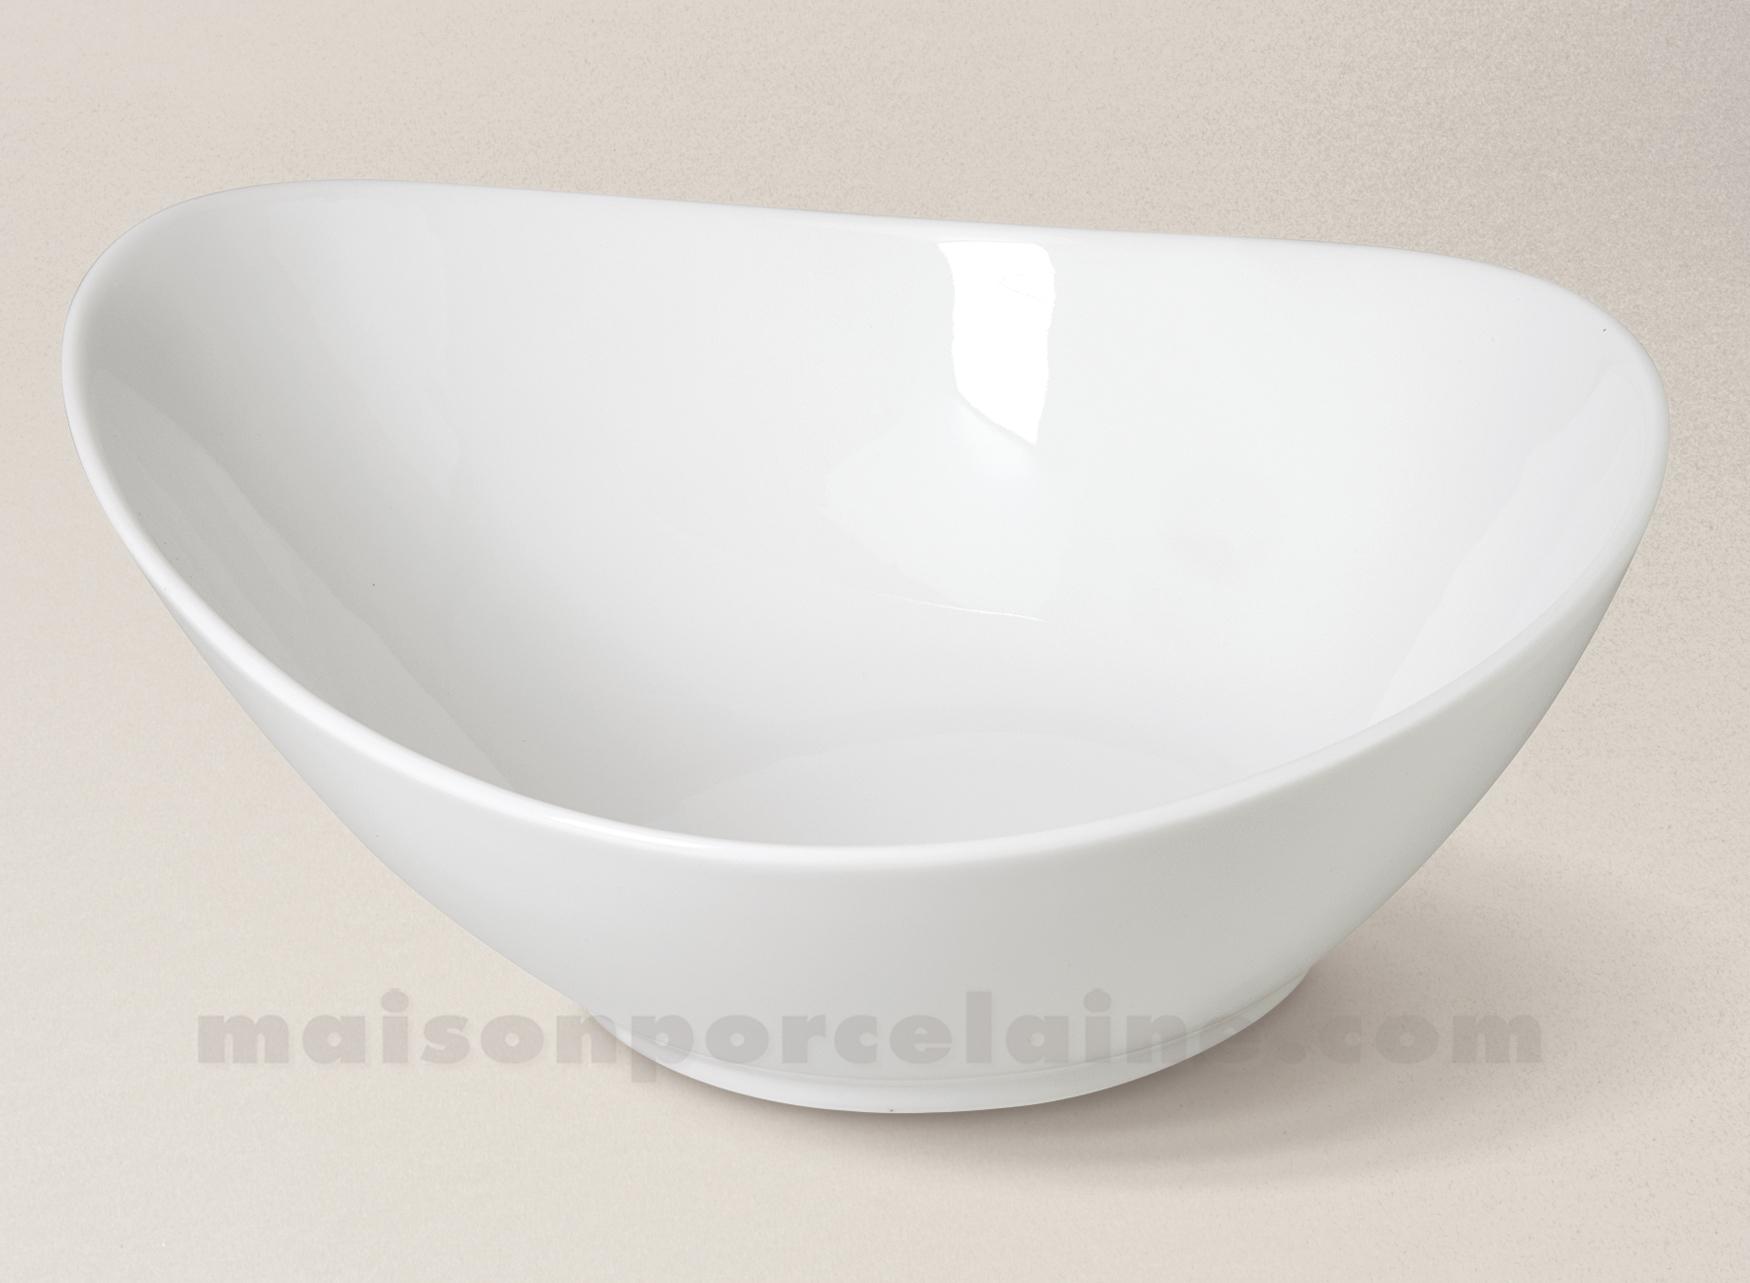 saladier porcelaine blanche island maison de la porcelaine. Black Bedroom Furniture Sets. Home Design Ideas